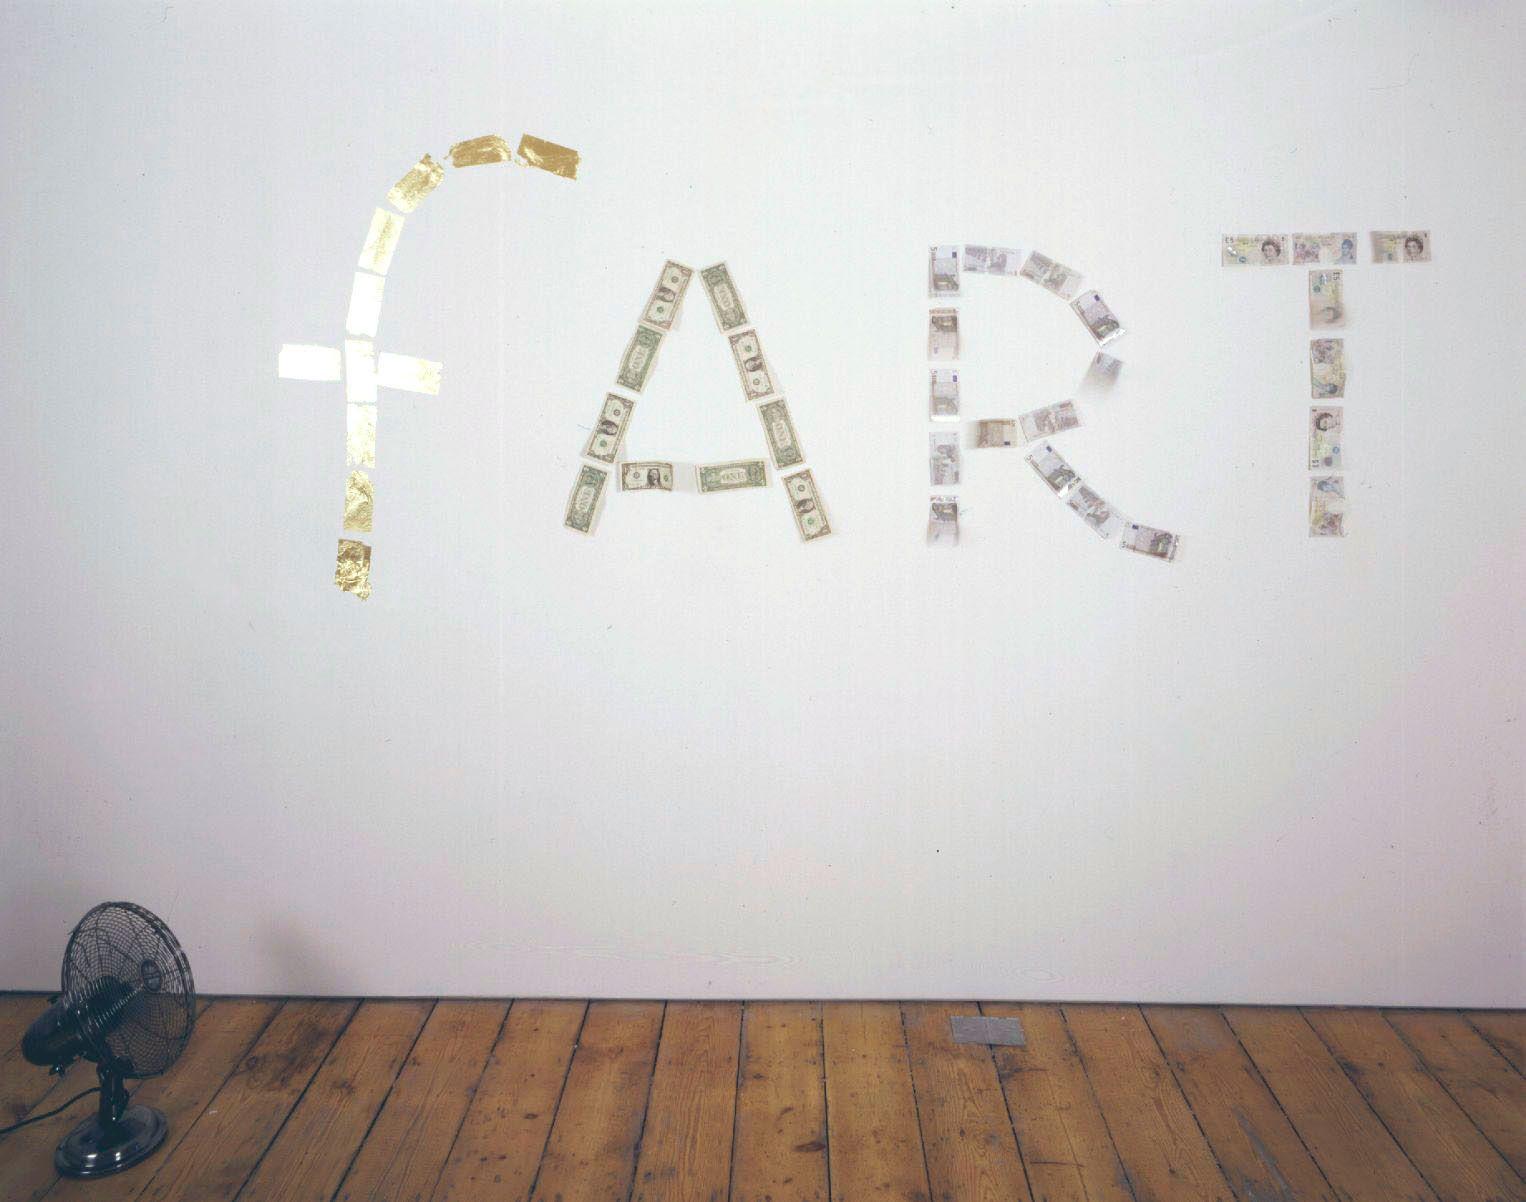 Fart 2002 bank notes, fan, gold leaf (pounds version)